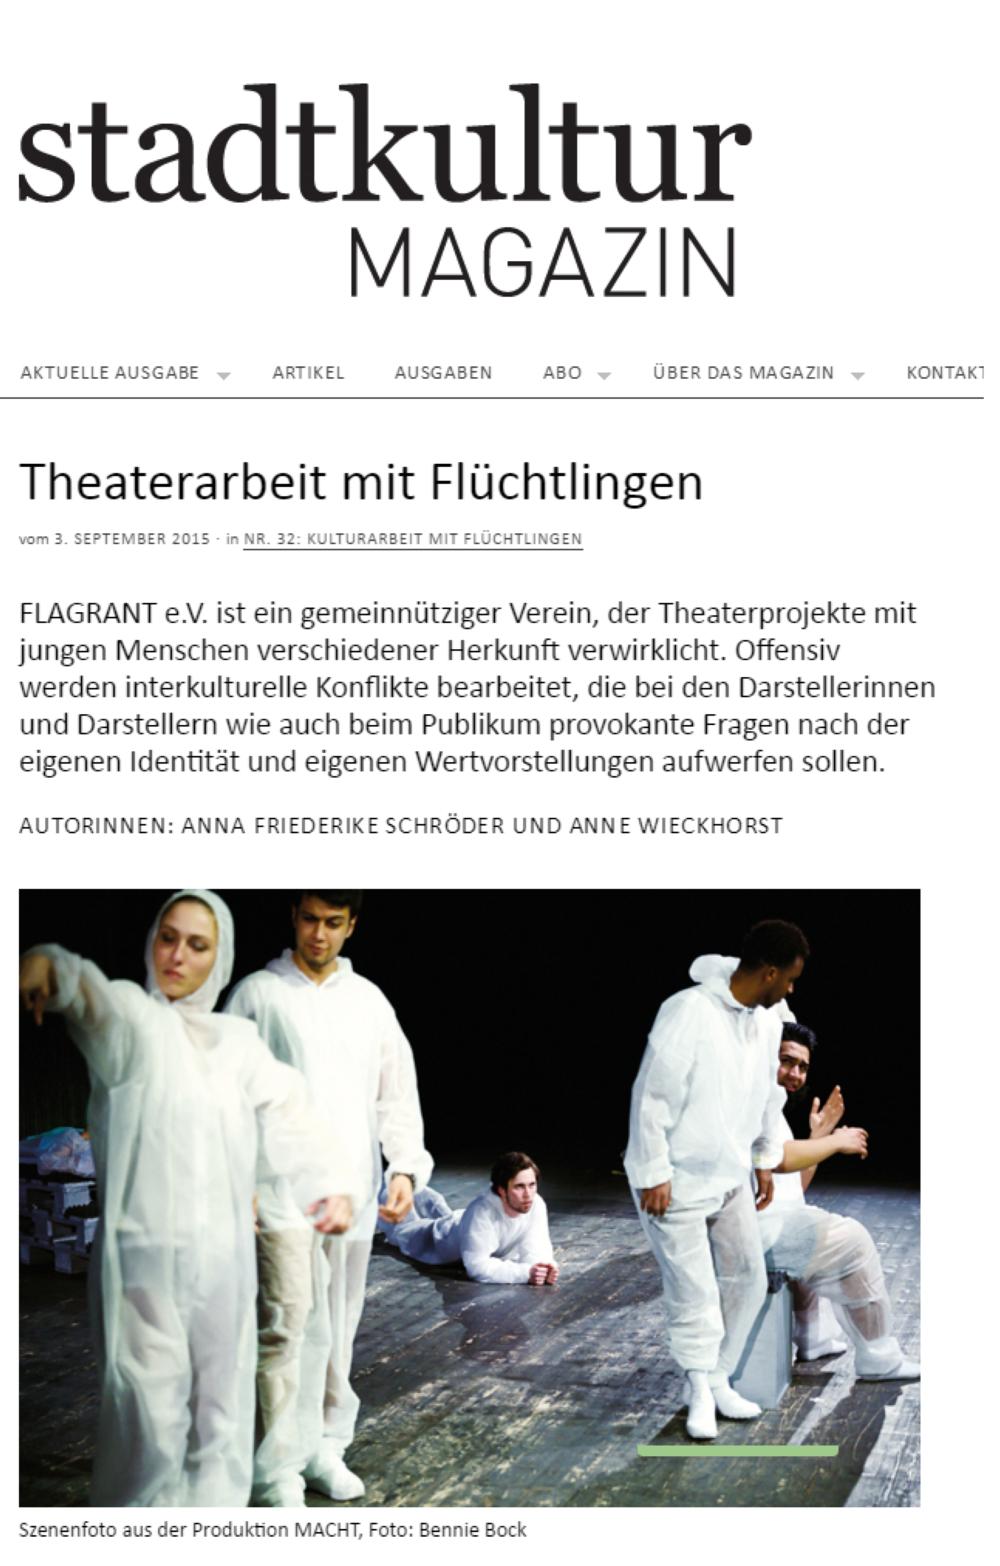 Z um Artikel: http://www.stadtkulturmagazin.de/2015/09/theaterarbeit-mit-fluechtlingen/